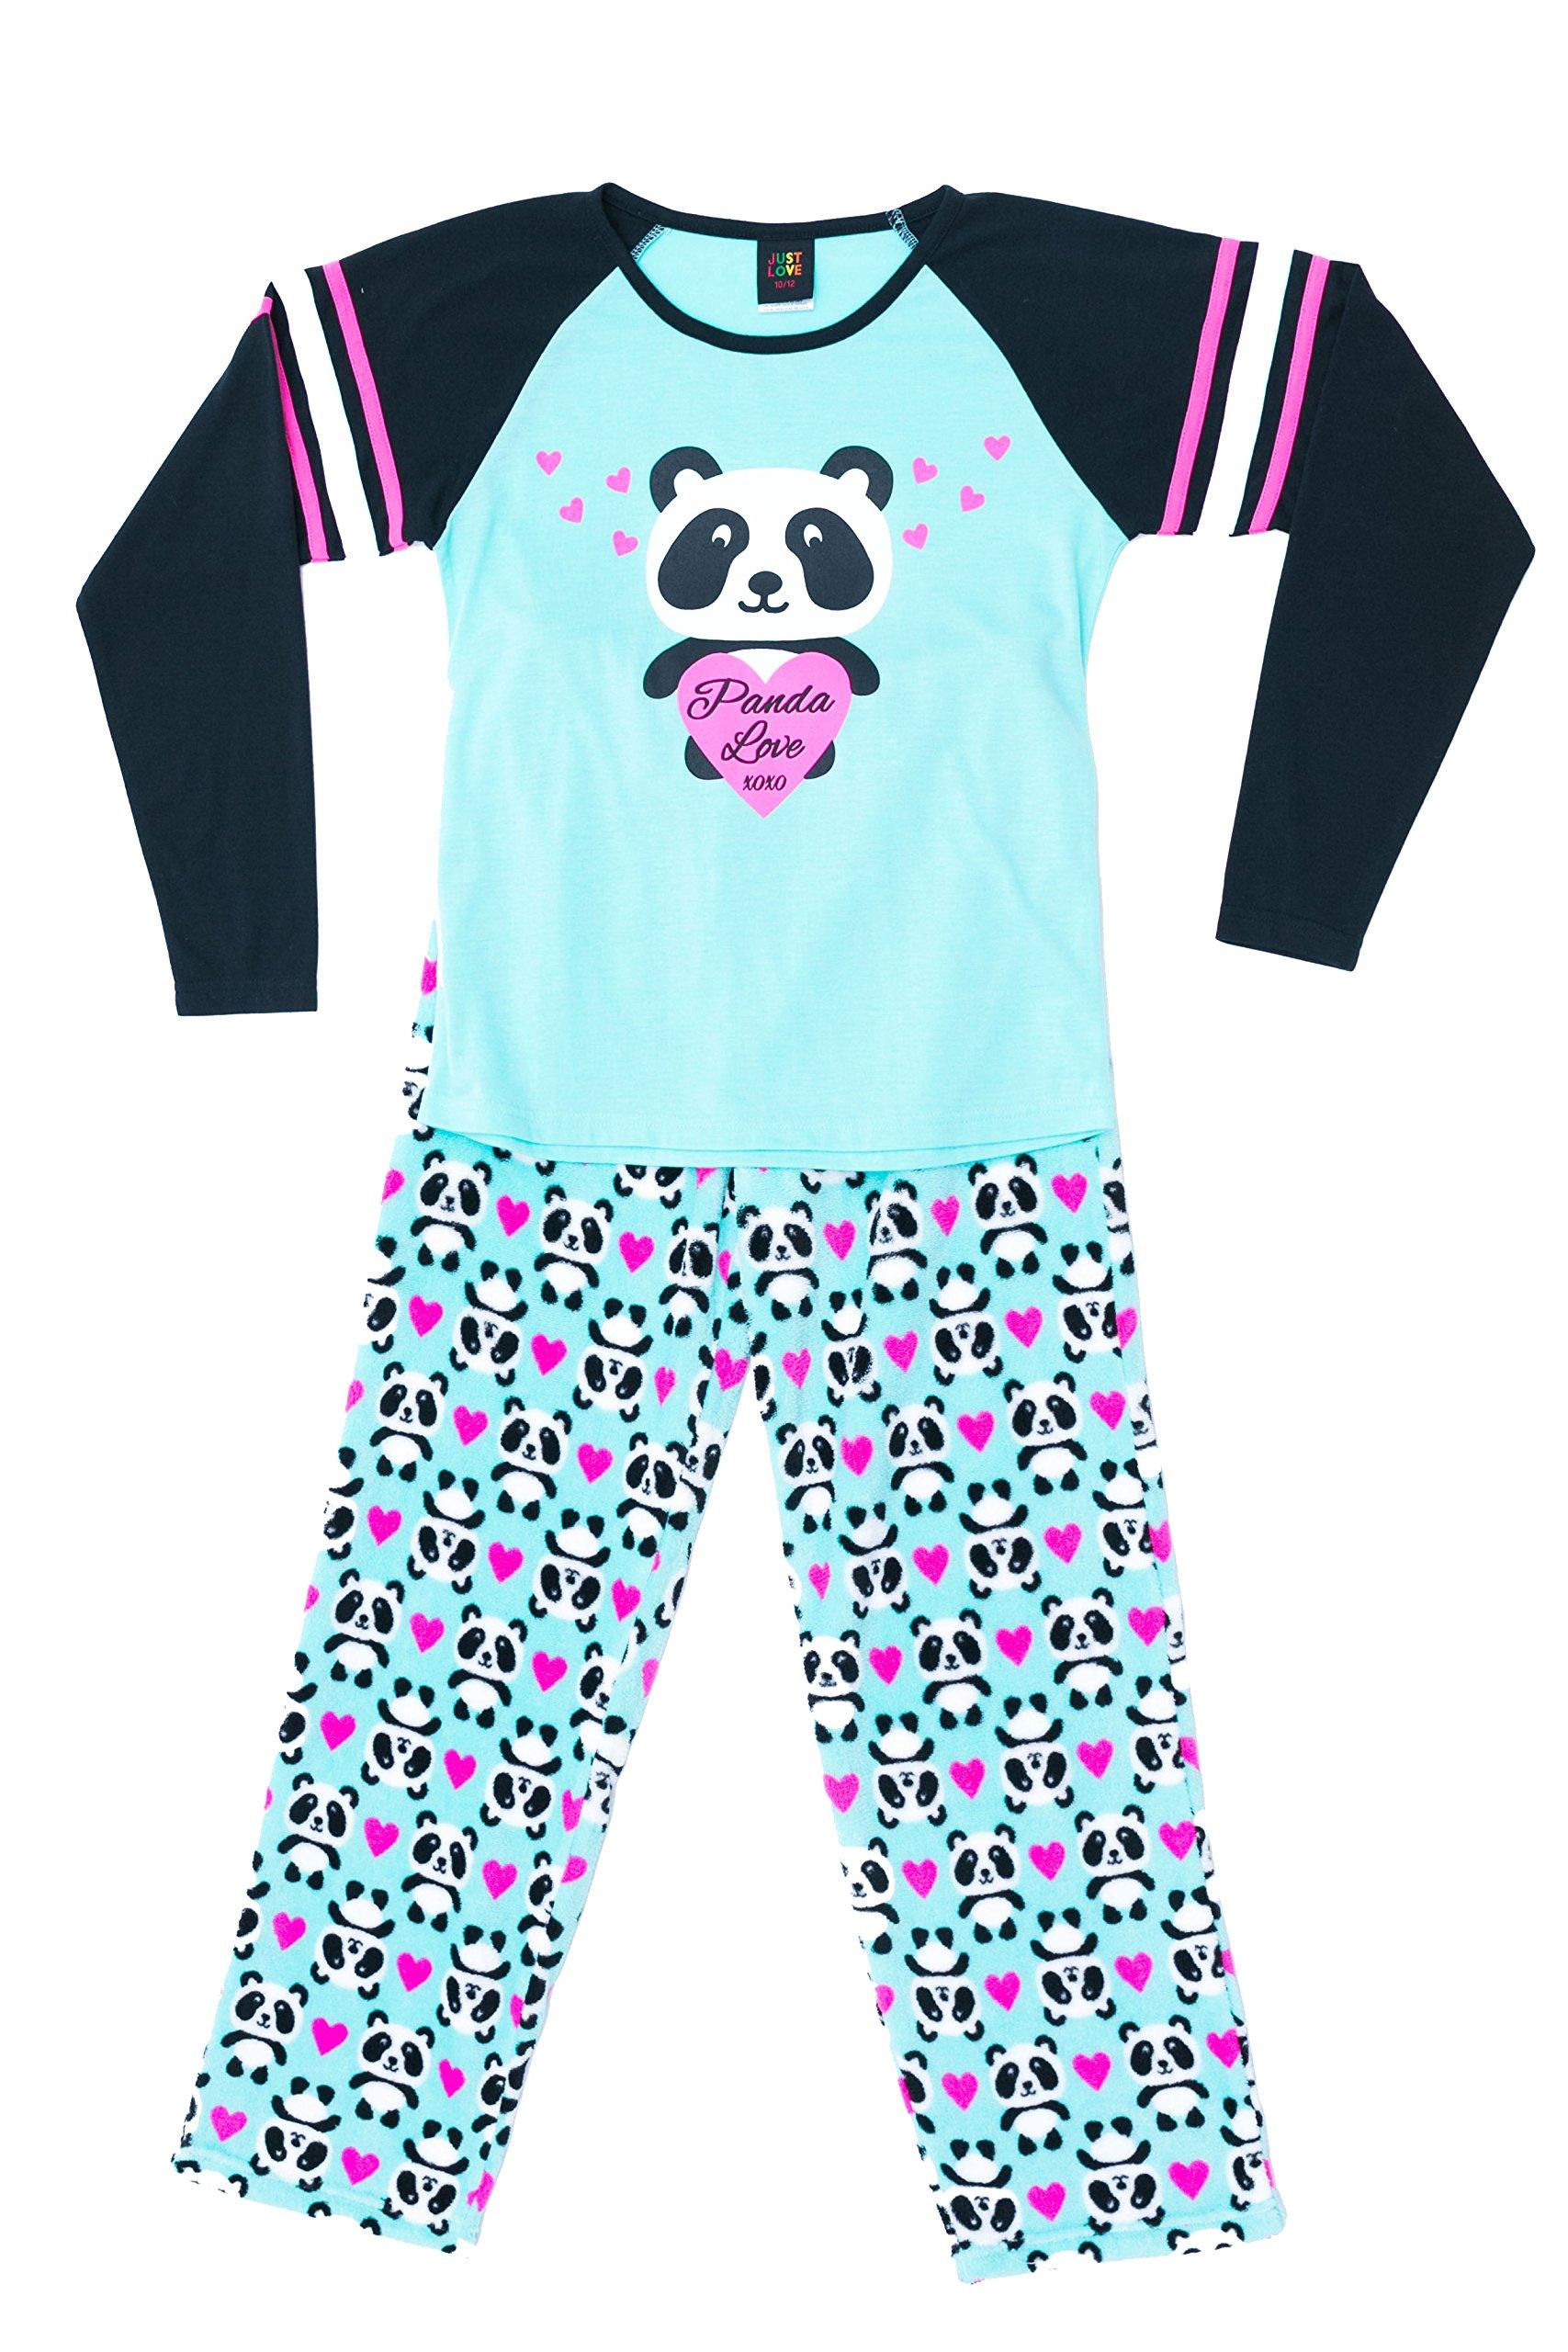 44642-10118-5/6 Just Love Two Piece Girls Pajamas Set